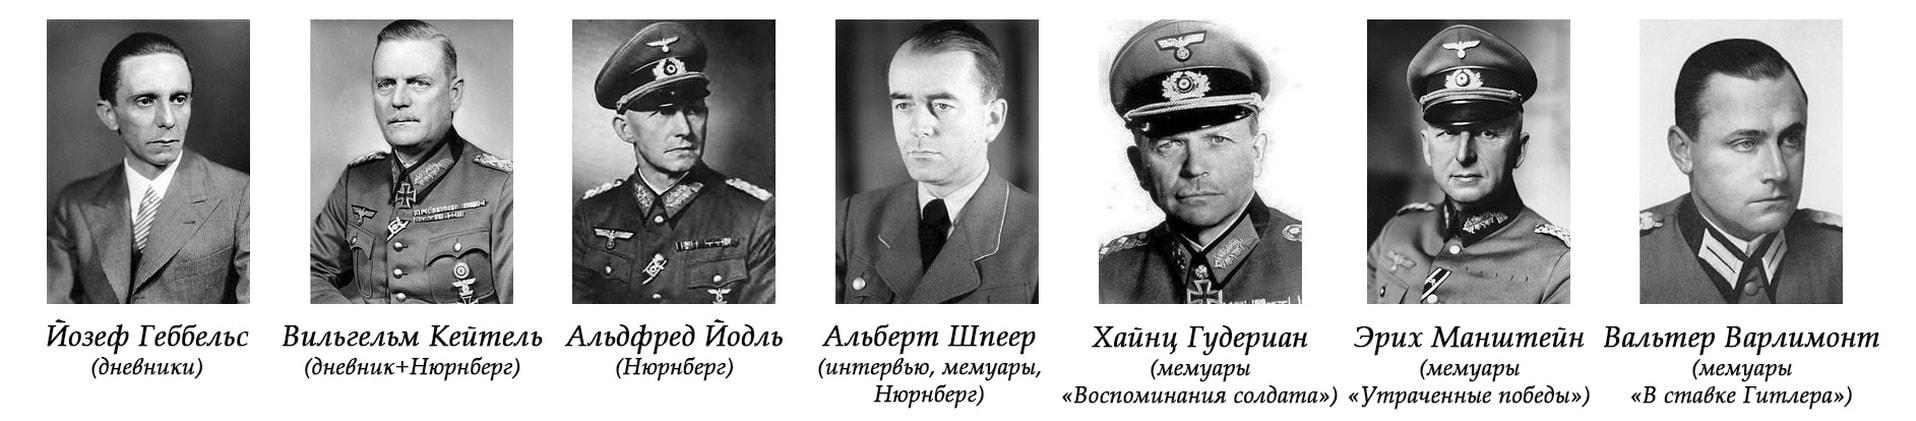 Ближайшее окружение Гитлера - источники Мазера